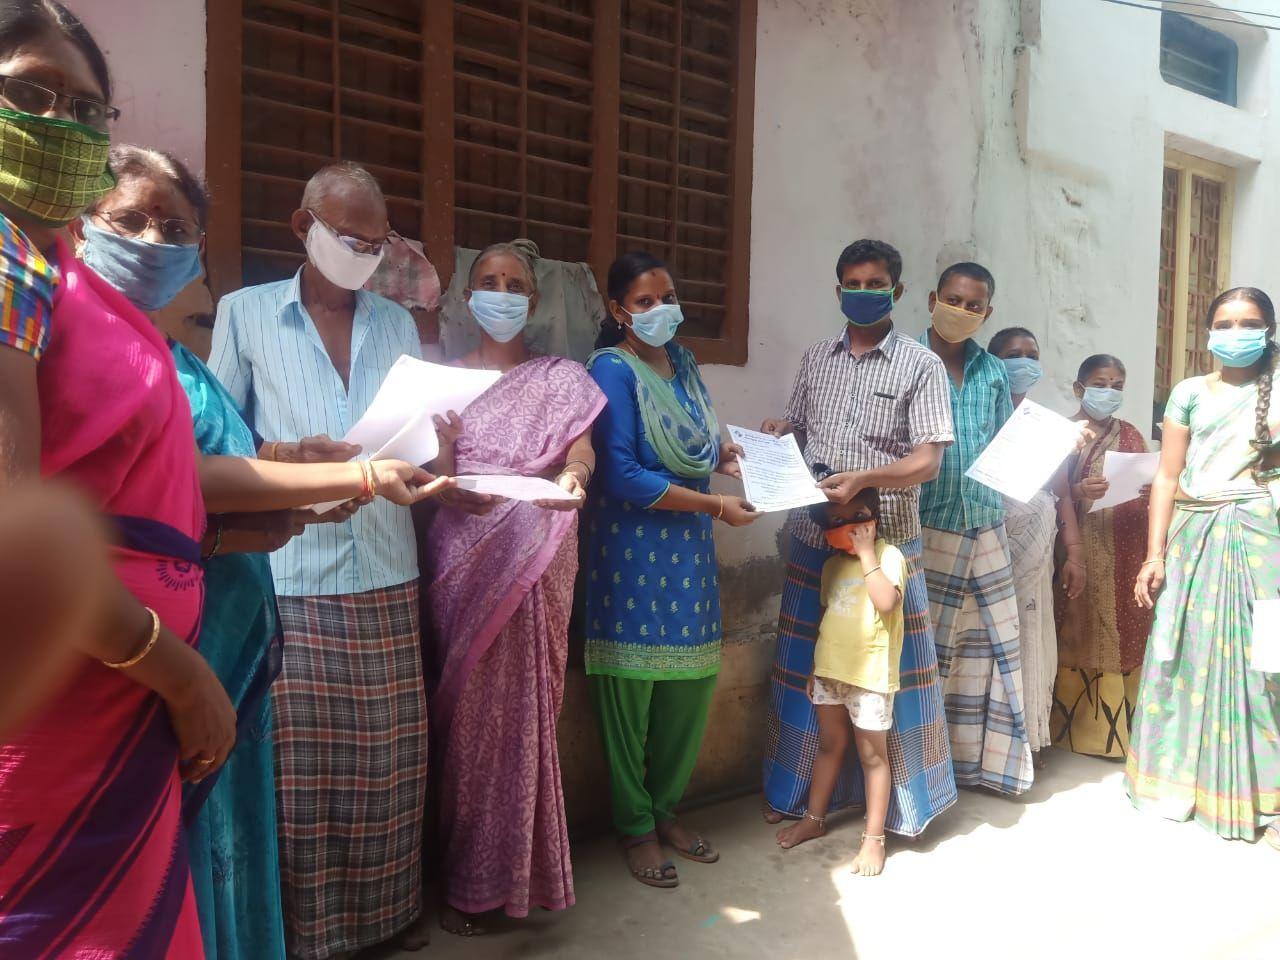 TNLA2021 - 97 Kumarapalayam - Voters Awareness Programme - Notice issued - Pallipalayam Block - On 01.04.2021 (1).jpeg